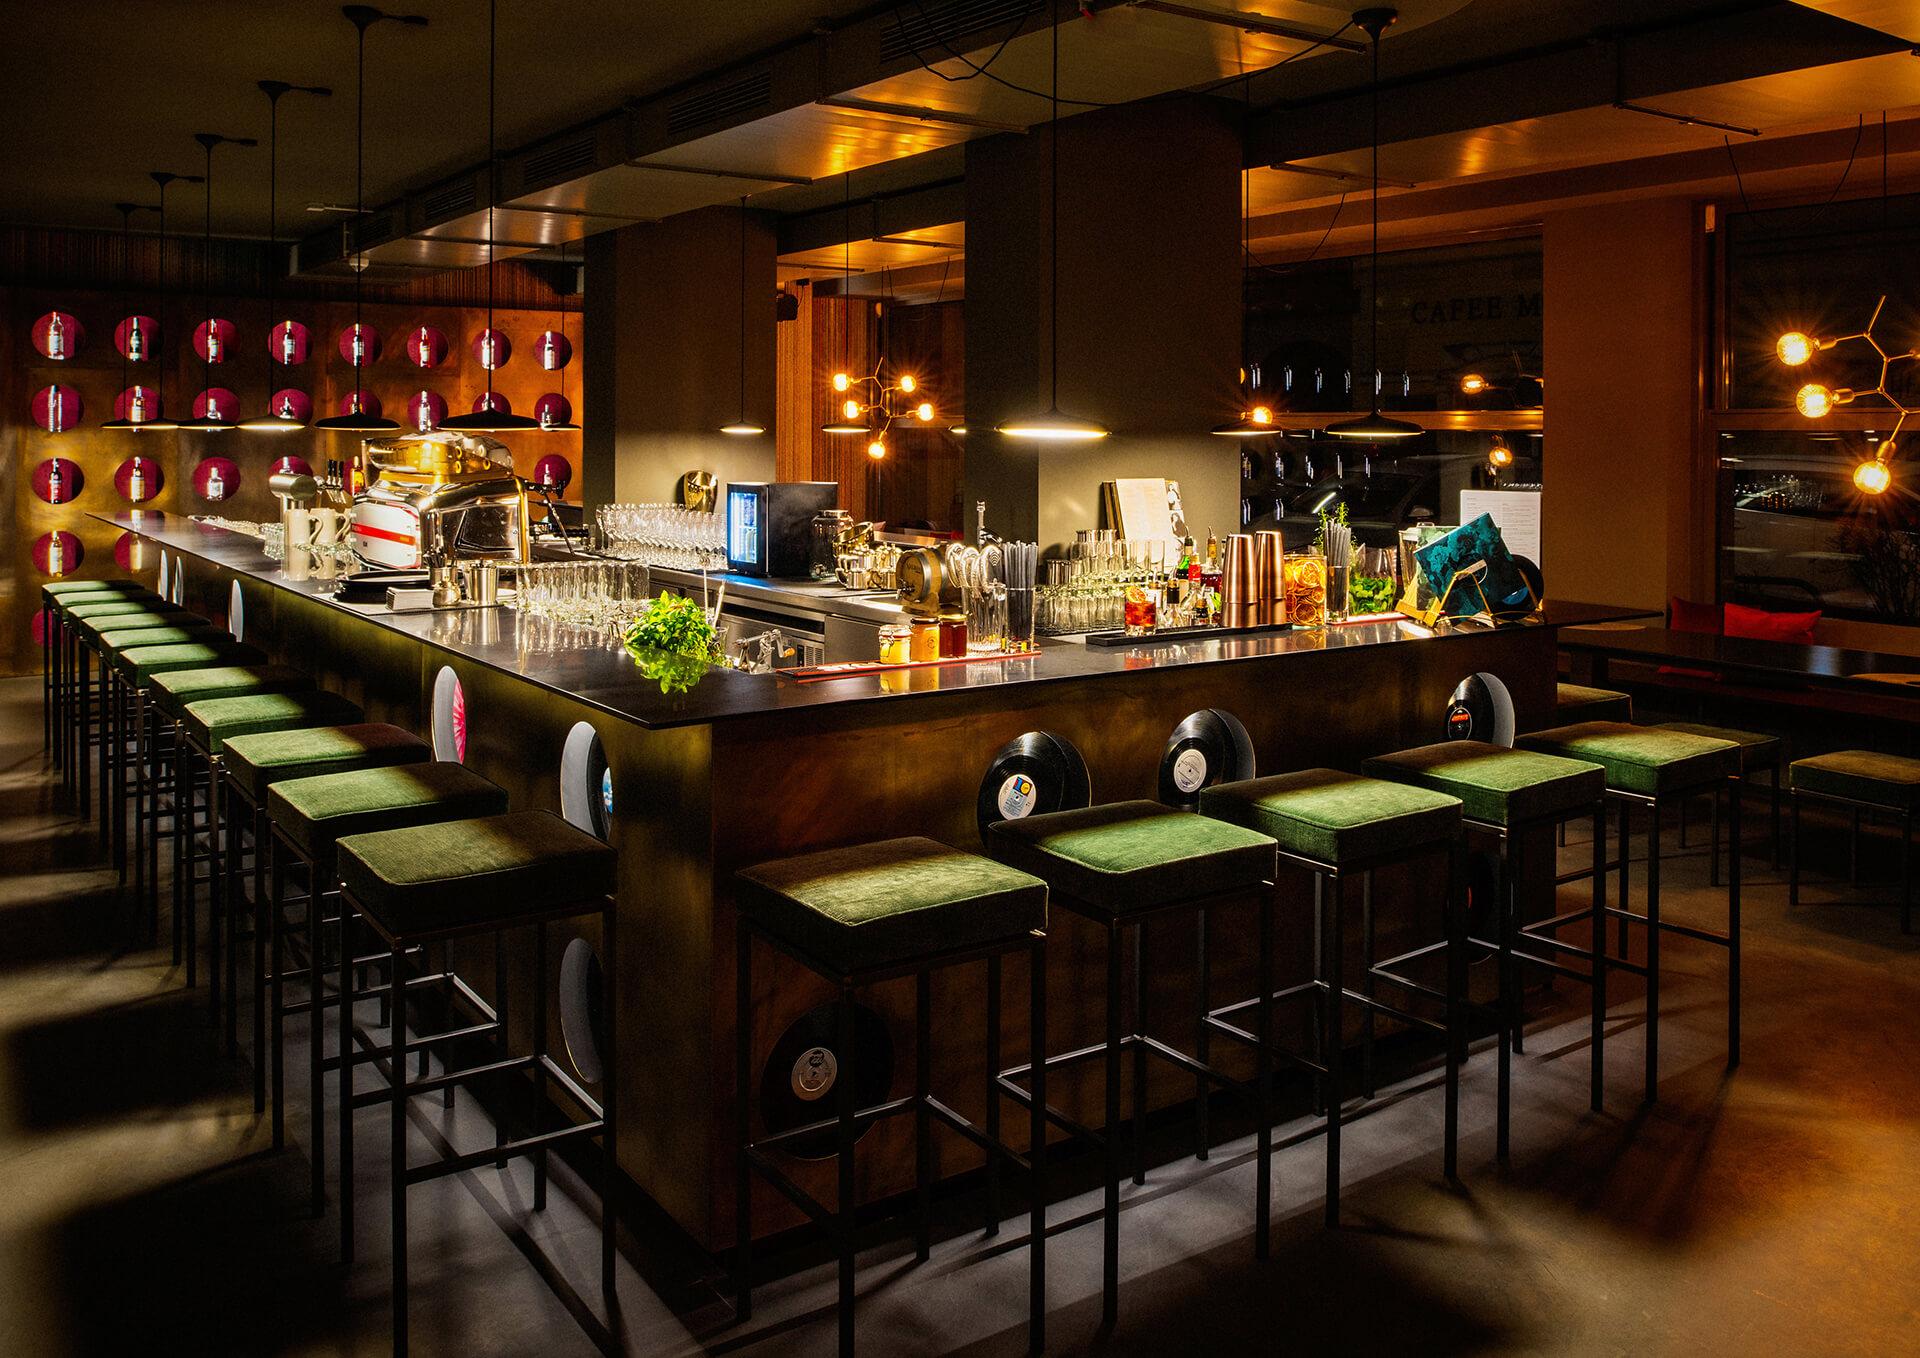 Warm beleuchtete Bar im Stil der 70er Jahre